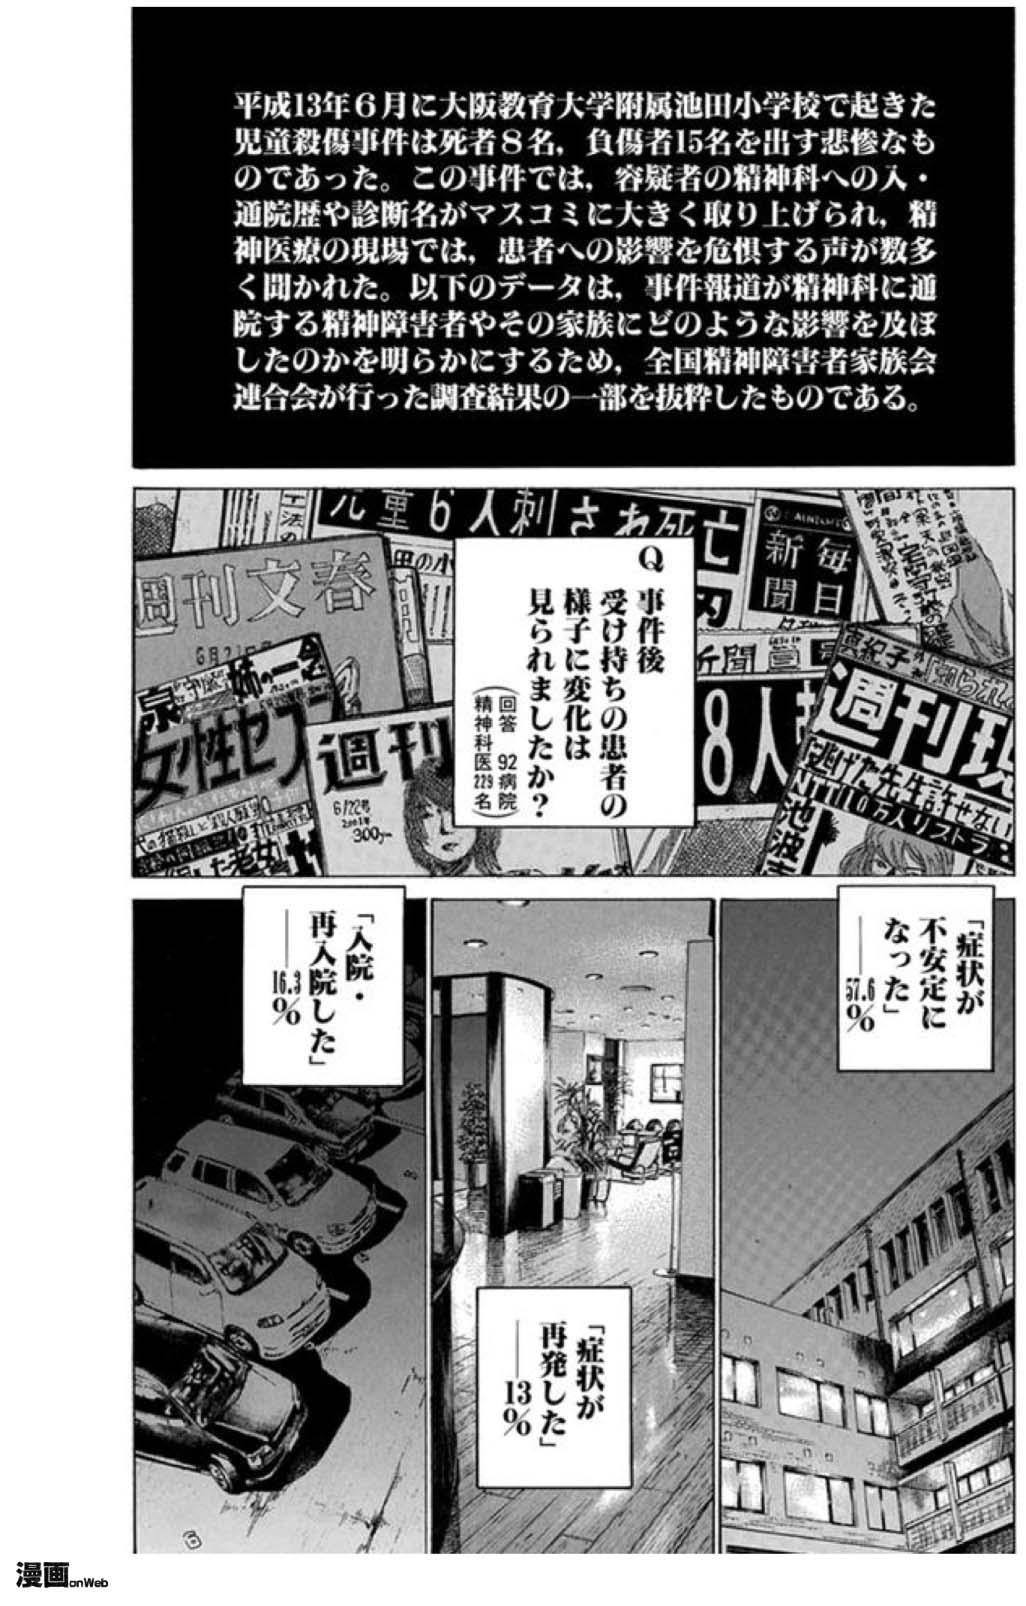 図7-1 12巻113ページ